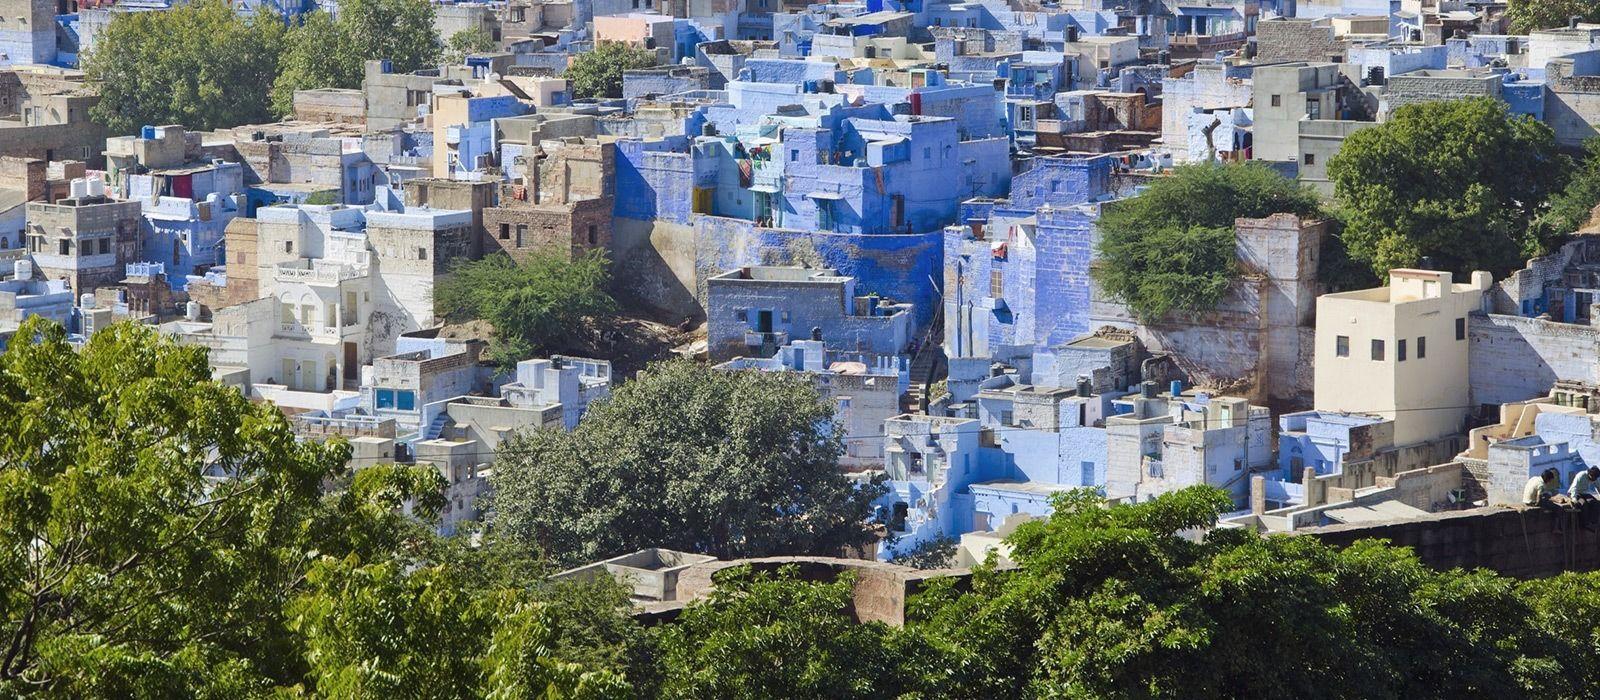 Rajasthan Rundreise: Geheimnisvolle Wüste, Paläste & Seen Urlaub 4